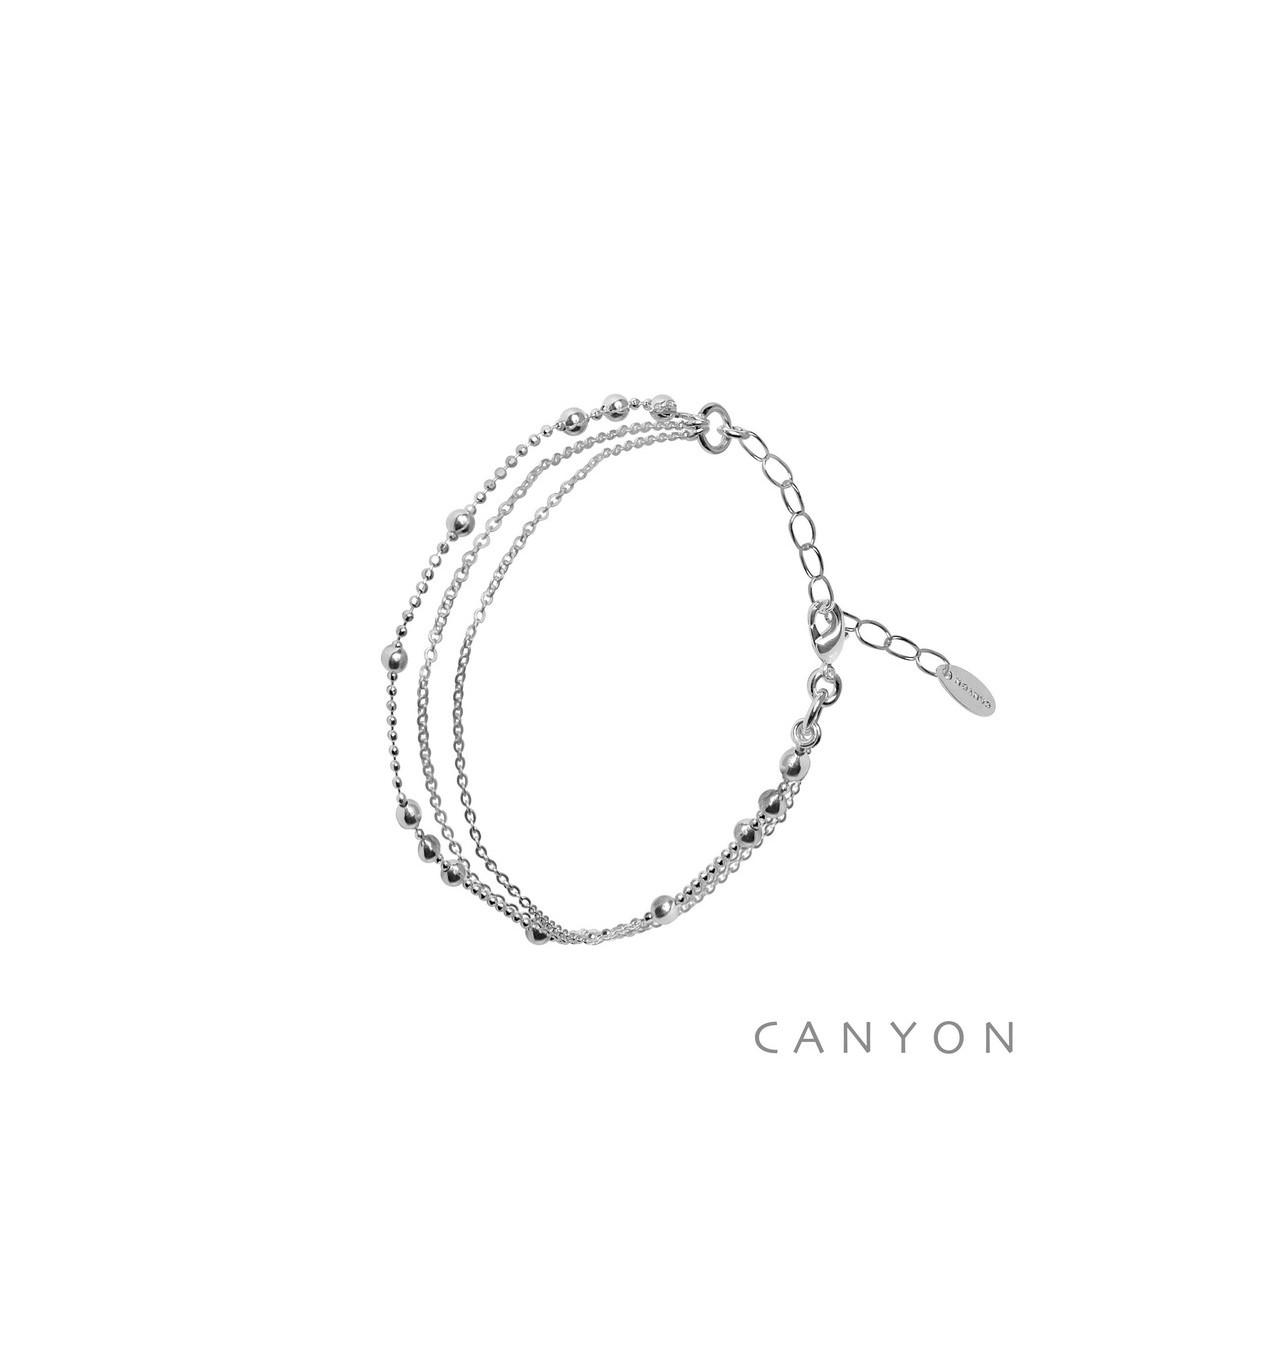 canyon-bracelet-argent-chainette-petites boules-bijoux totem